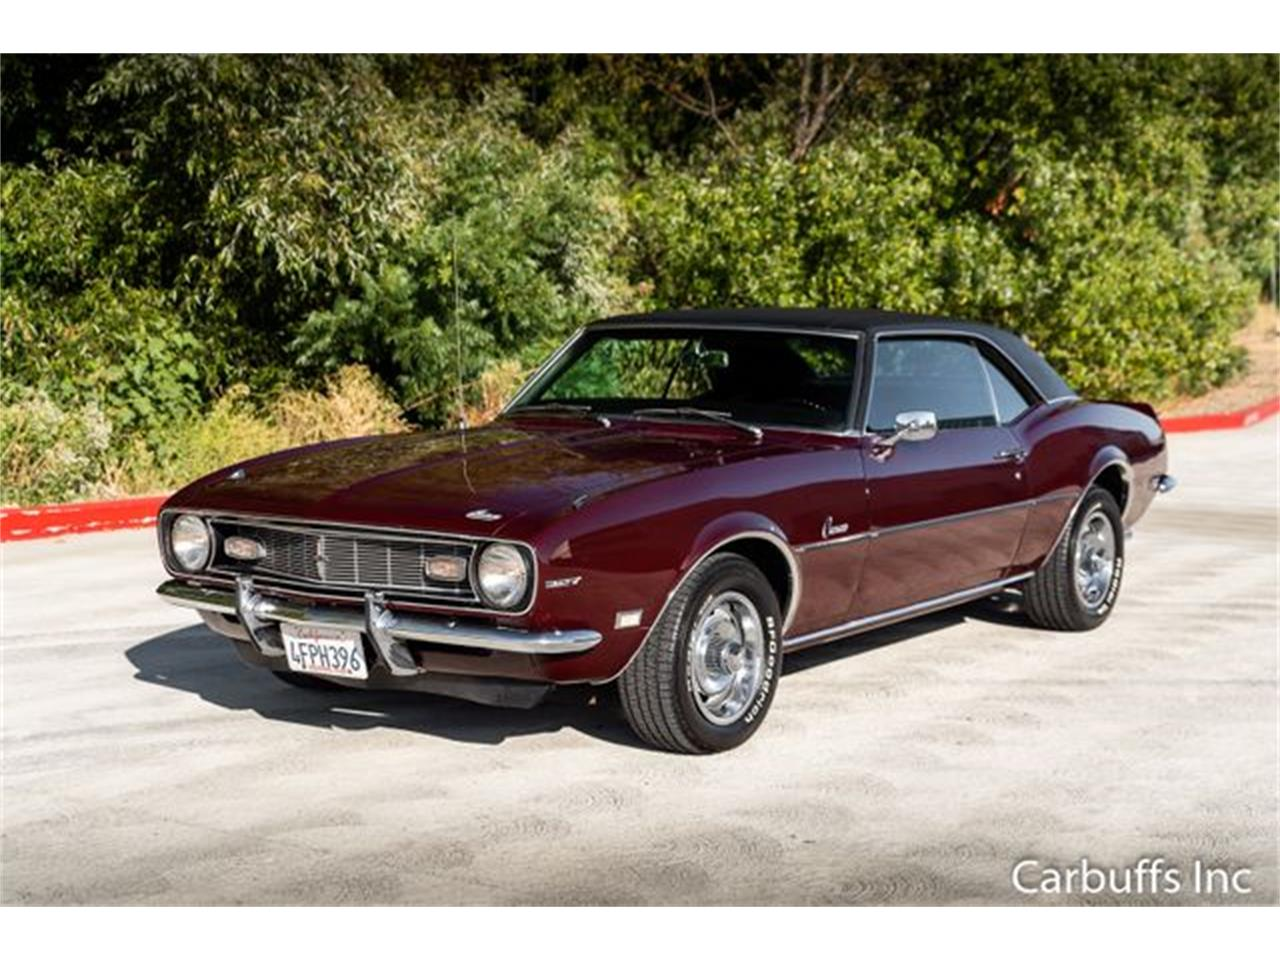 1968 Chevrolet Camaro (CC-1240289) for sale in Concord, California